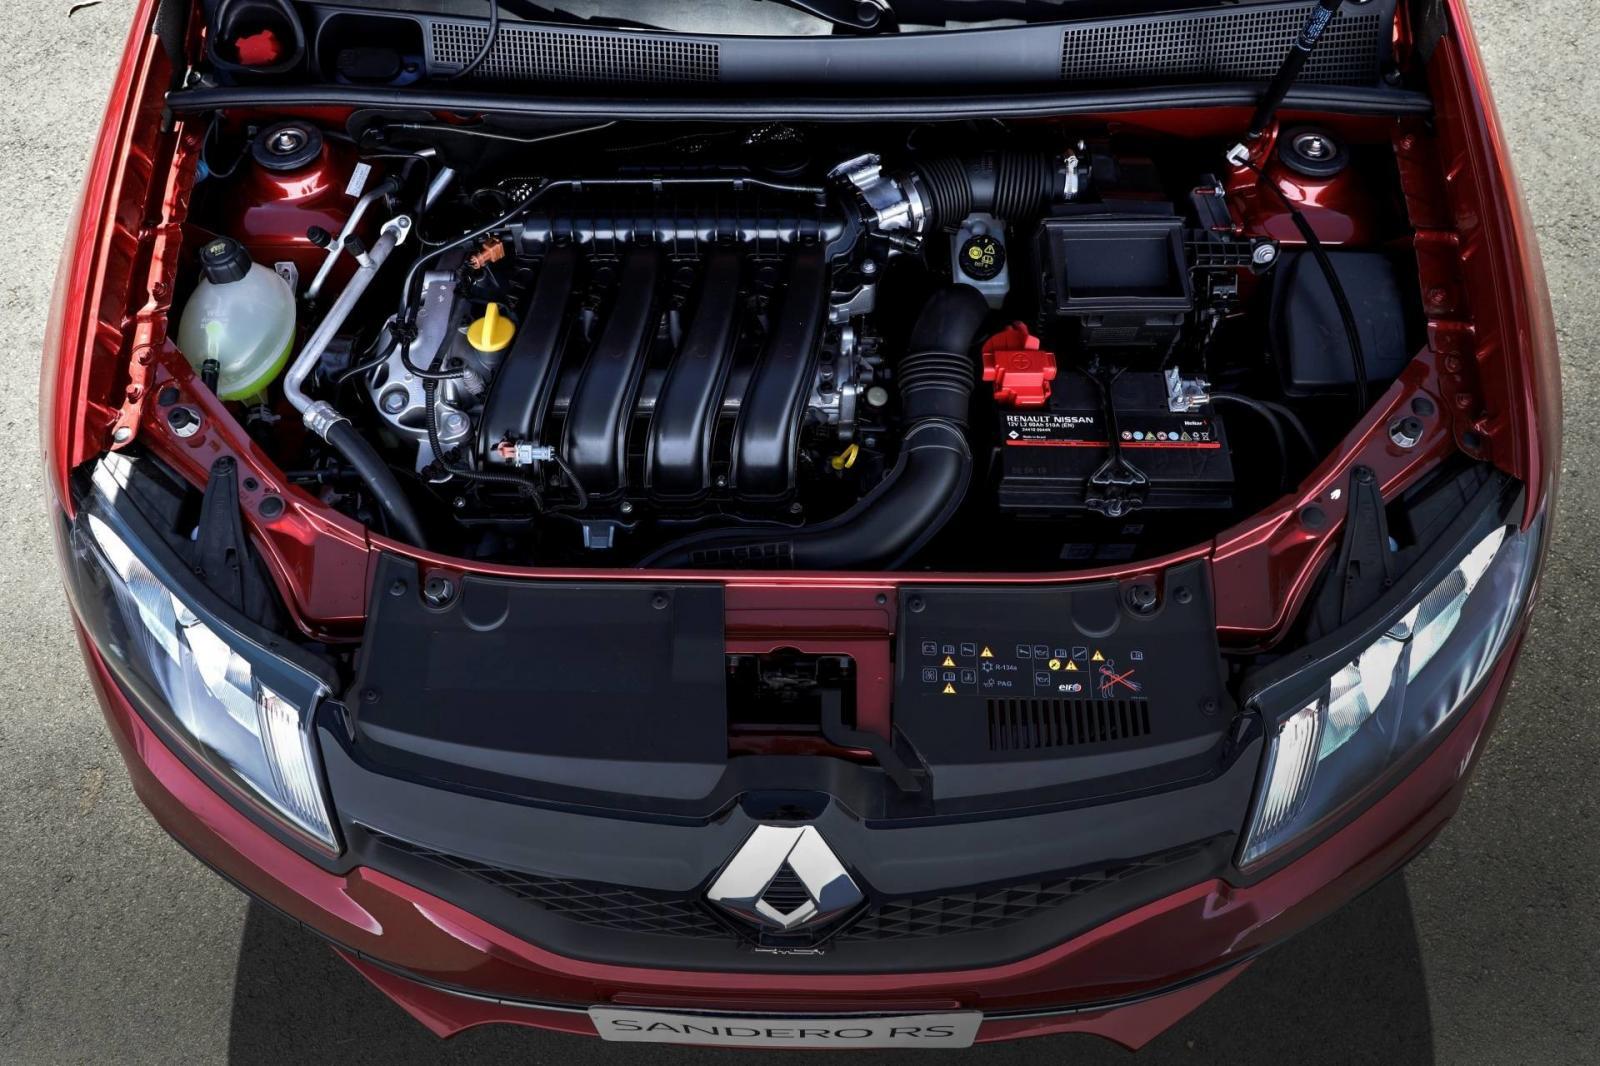 El Renault Sandero RS 2020 precio tiene un motor atmosférico de 2.0 litros